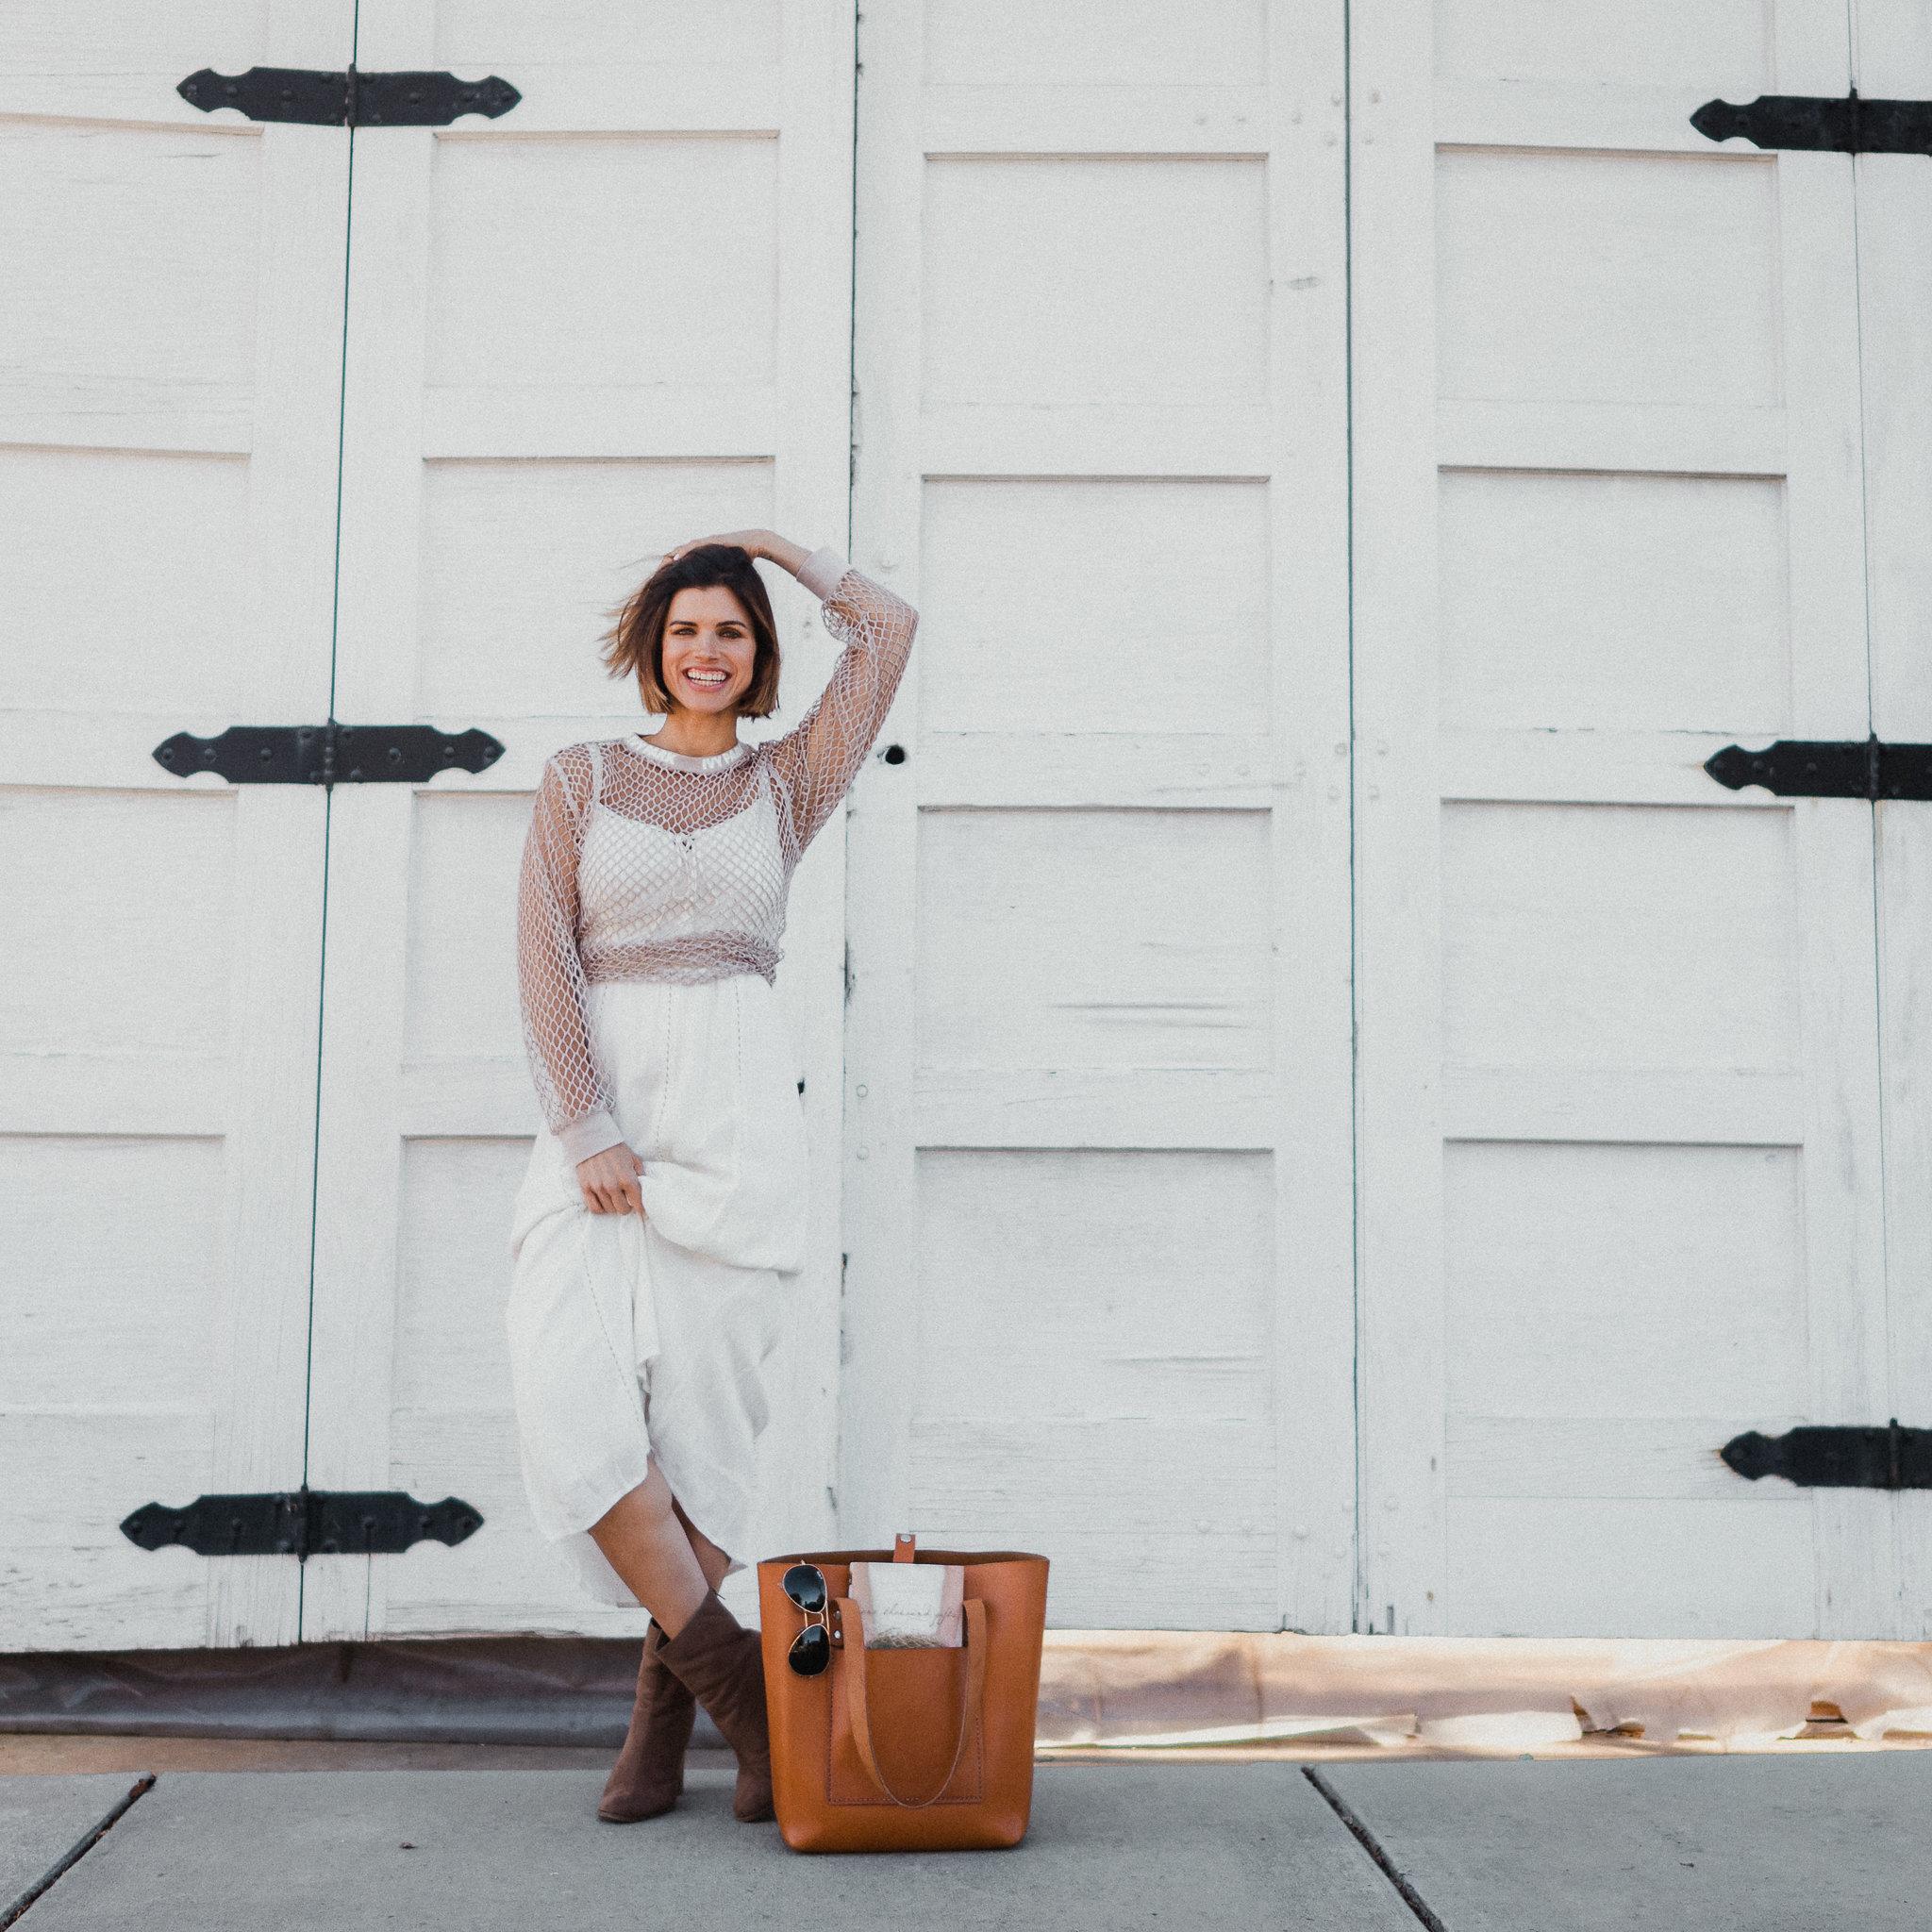 fashion-blogger-bag-hat-stylist.jpg